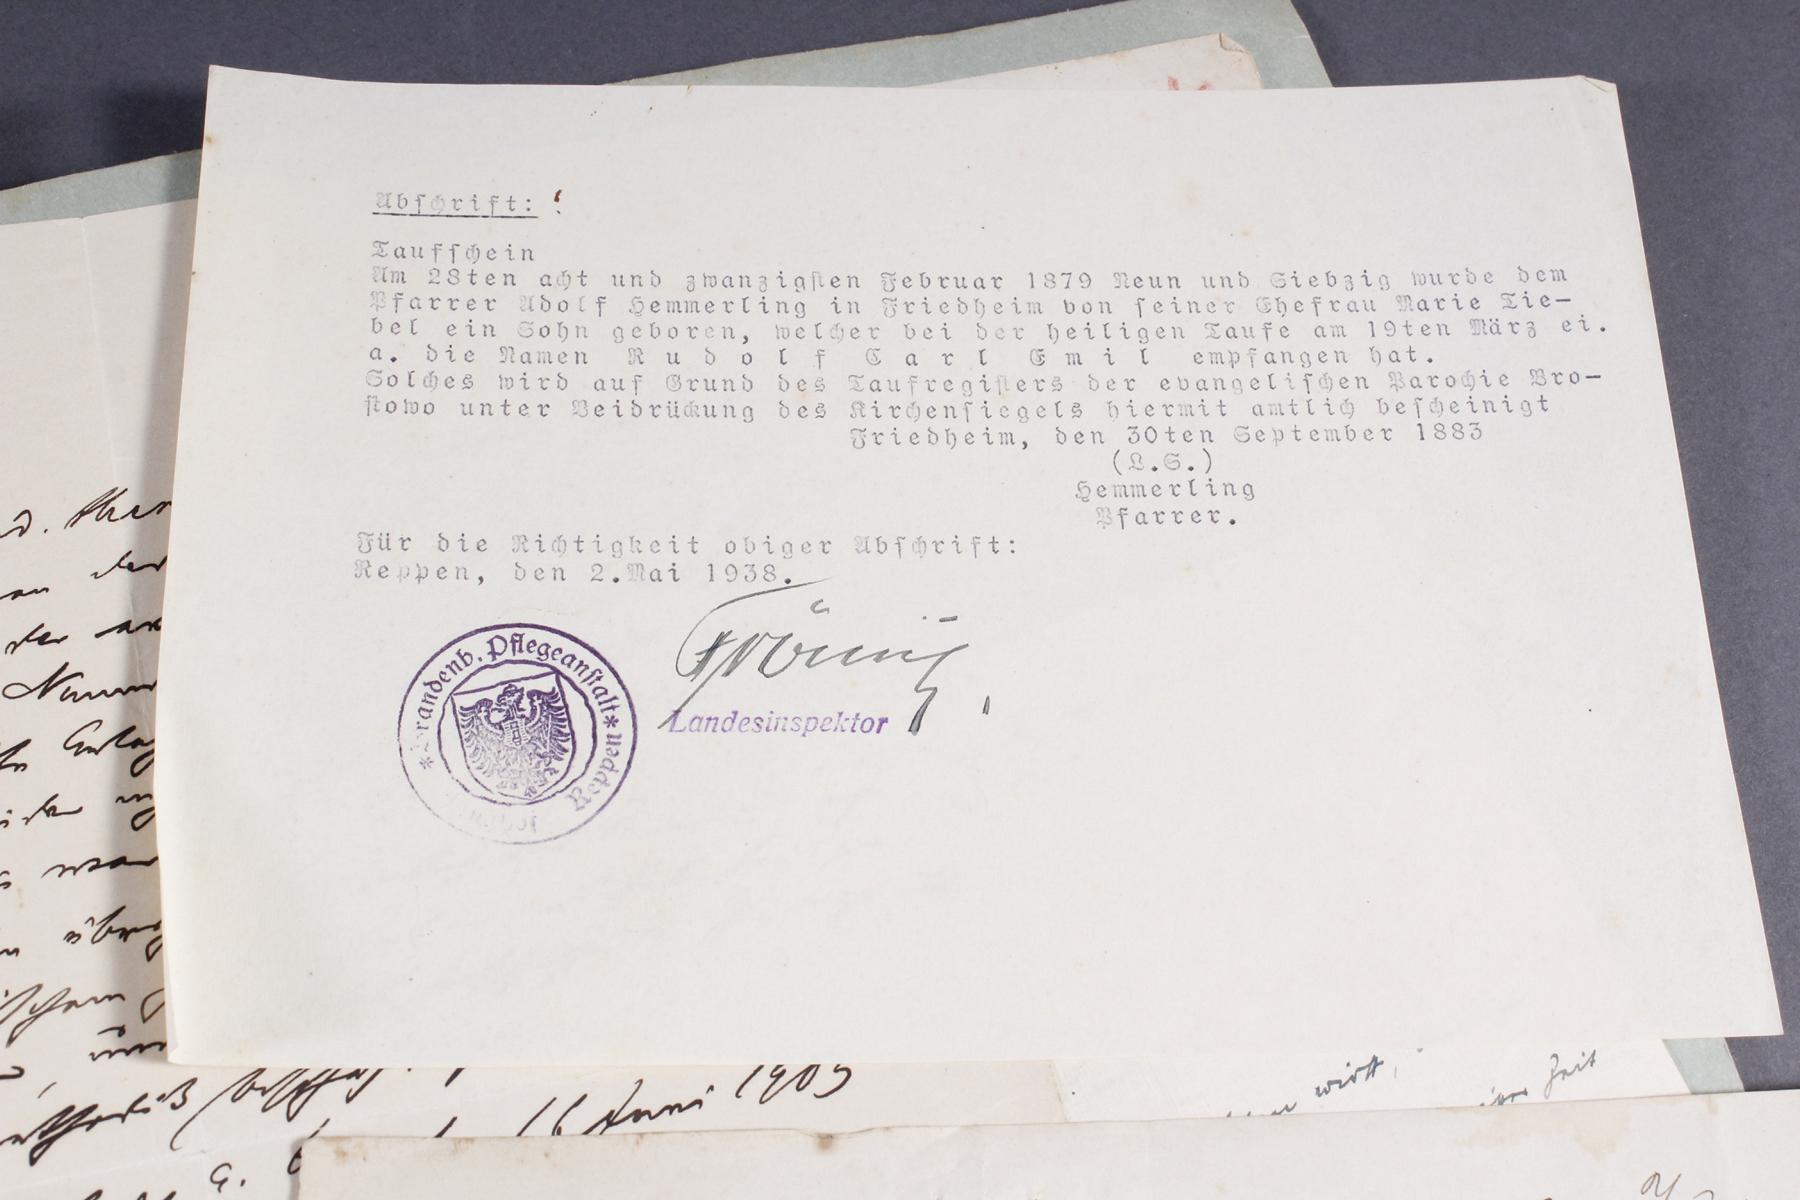 Dokumente, Urkunden uä. eines Pfarrers in Königsberg (Ostpreußen)-4